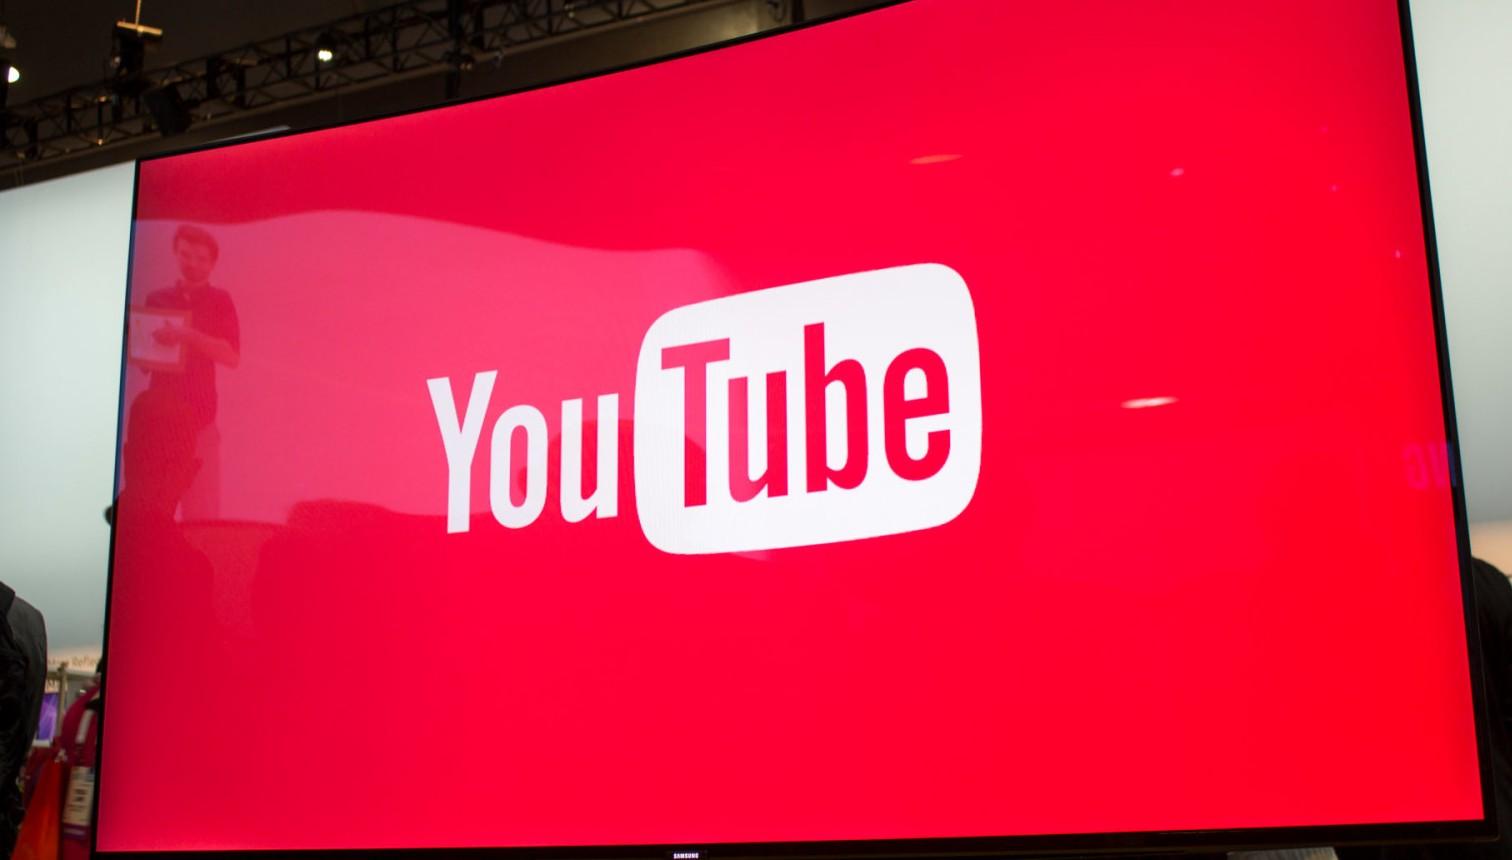 یوتیوب را HDR تماشا کنید